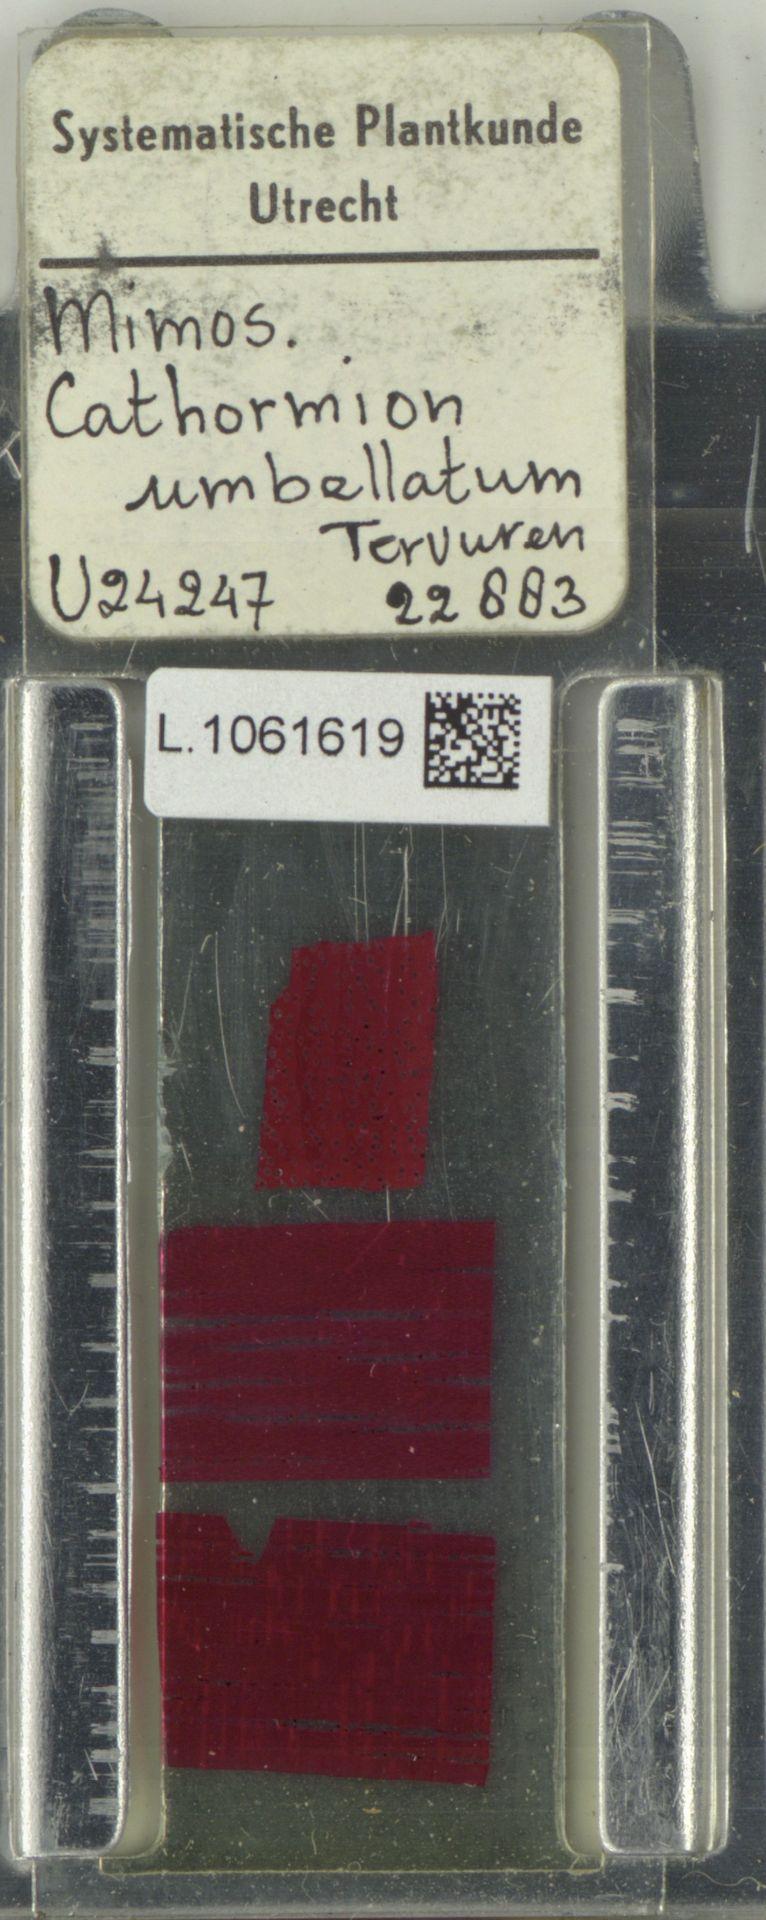 L.1061619 | Cathormion umbellatum (Vahl) Kosterm.